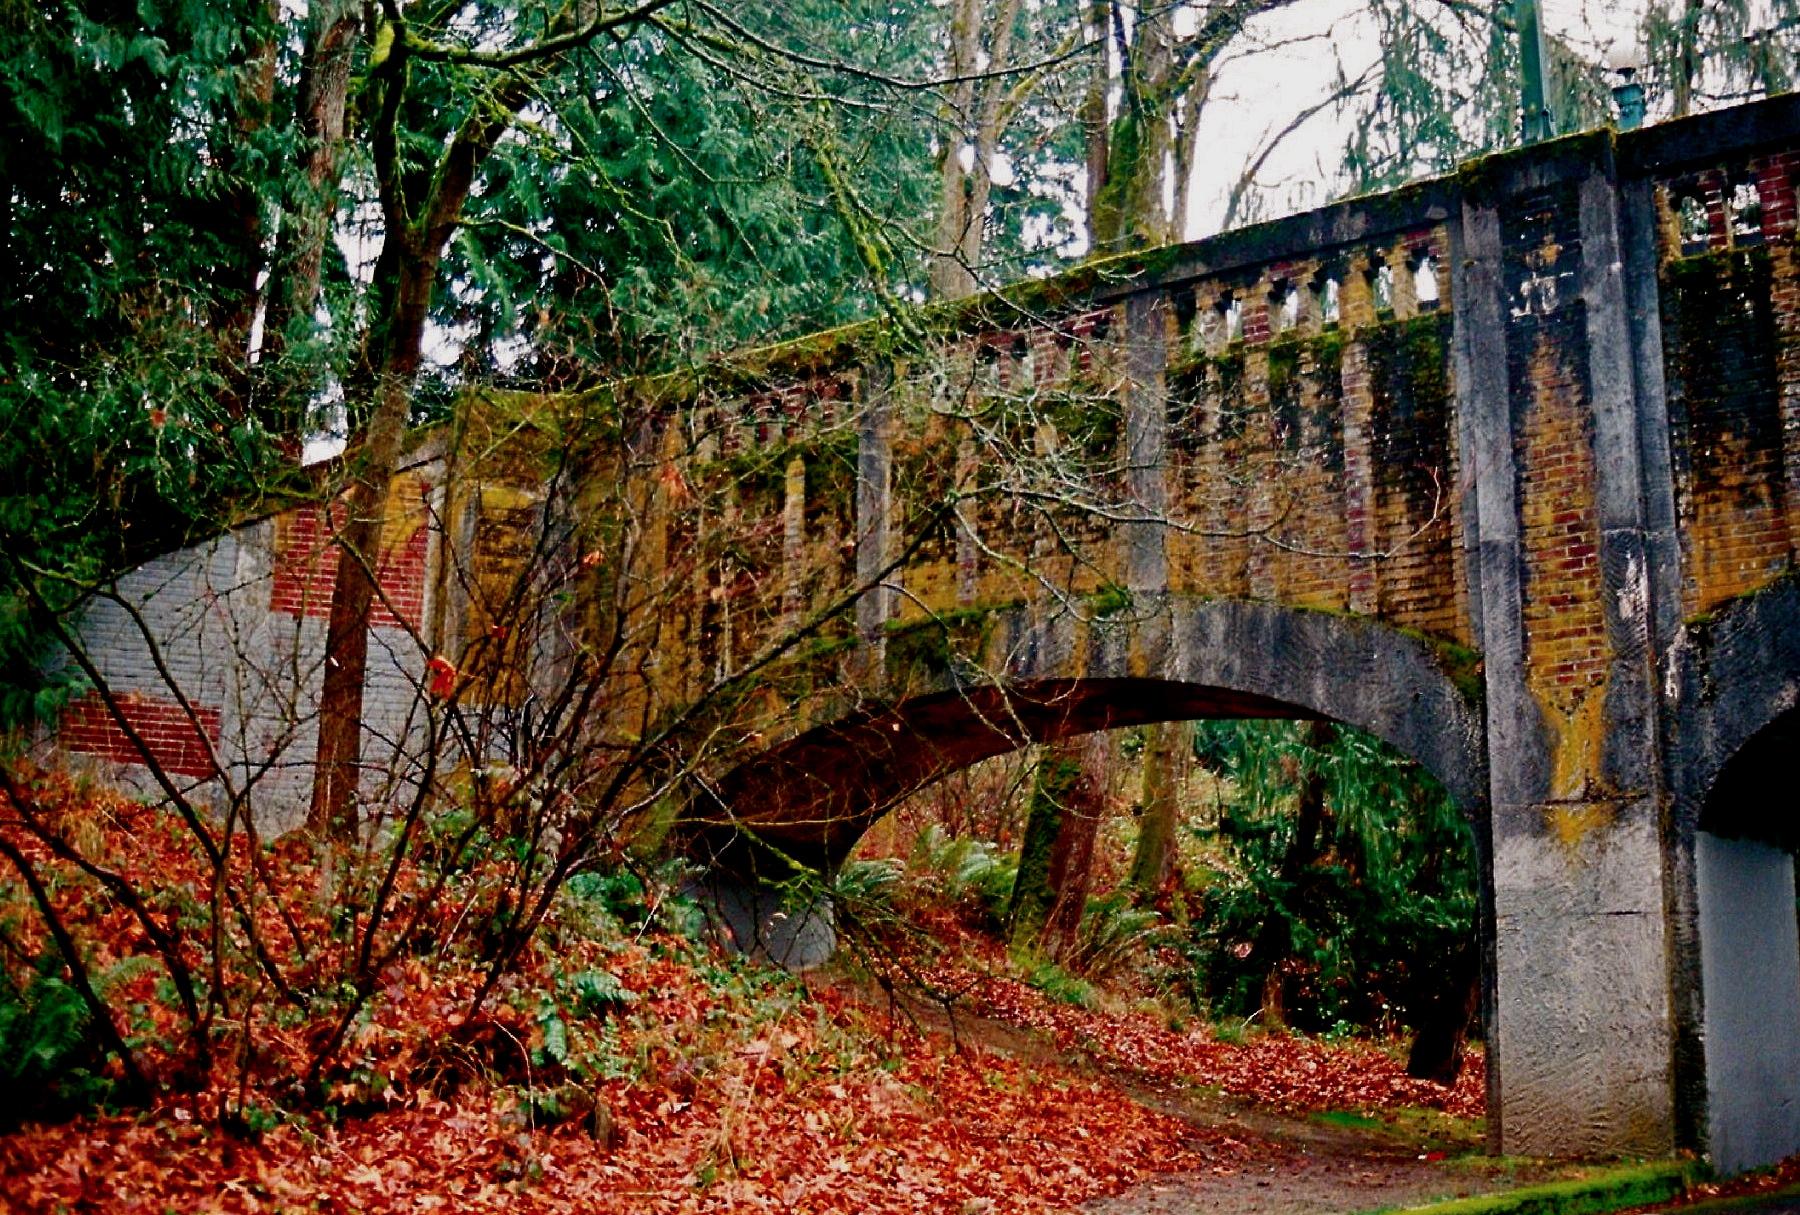 Washington Park Arboretum Sunset Magazine